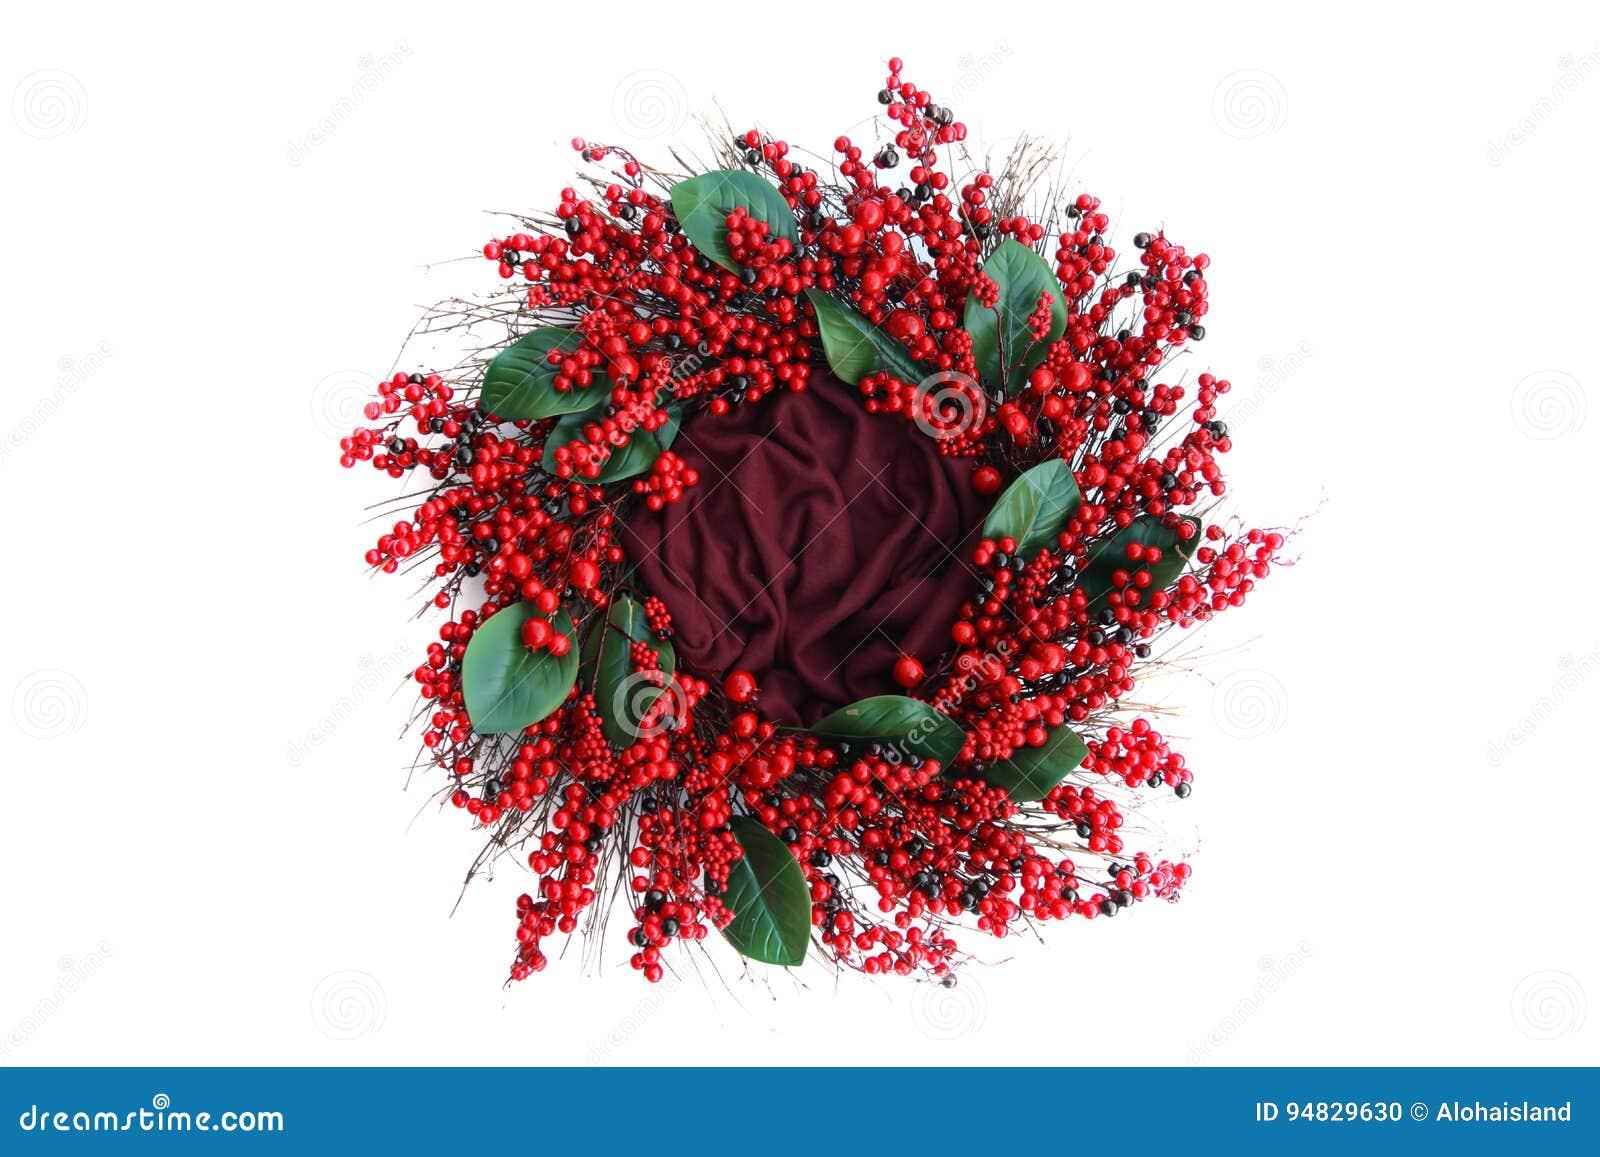 Bakgrund för Digitalt fotografi av röd Berry Holiday Wreath Isolated On vit